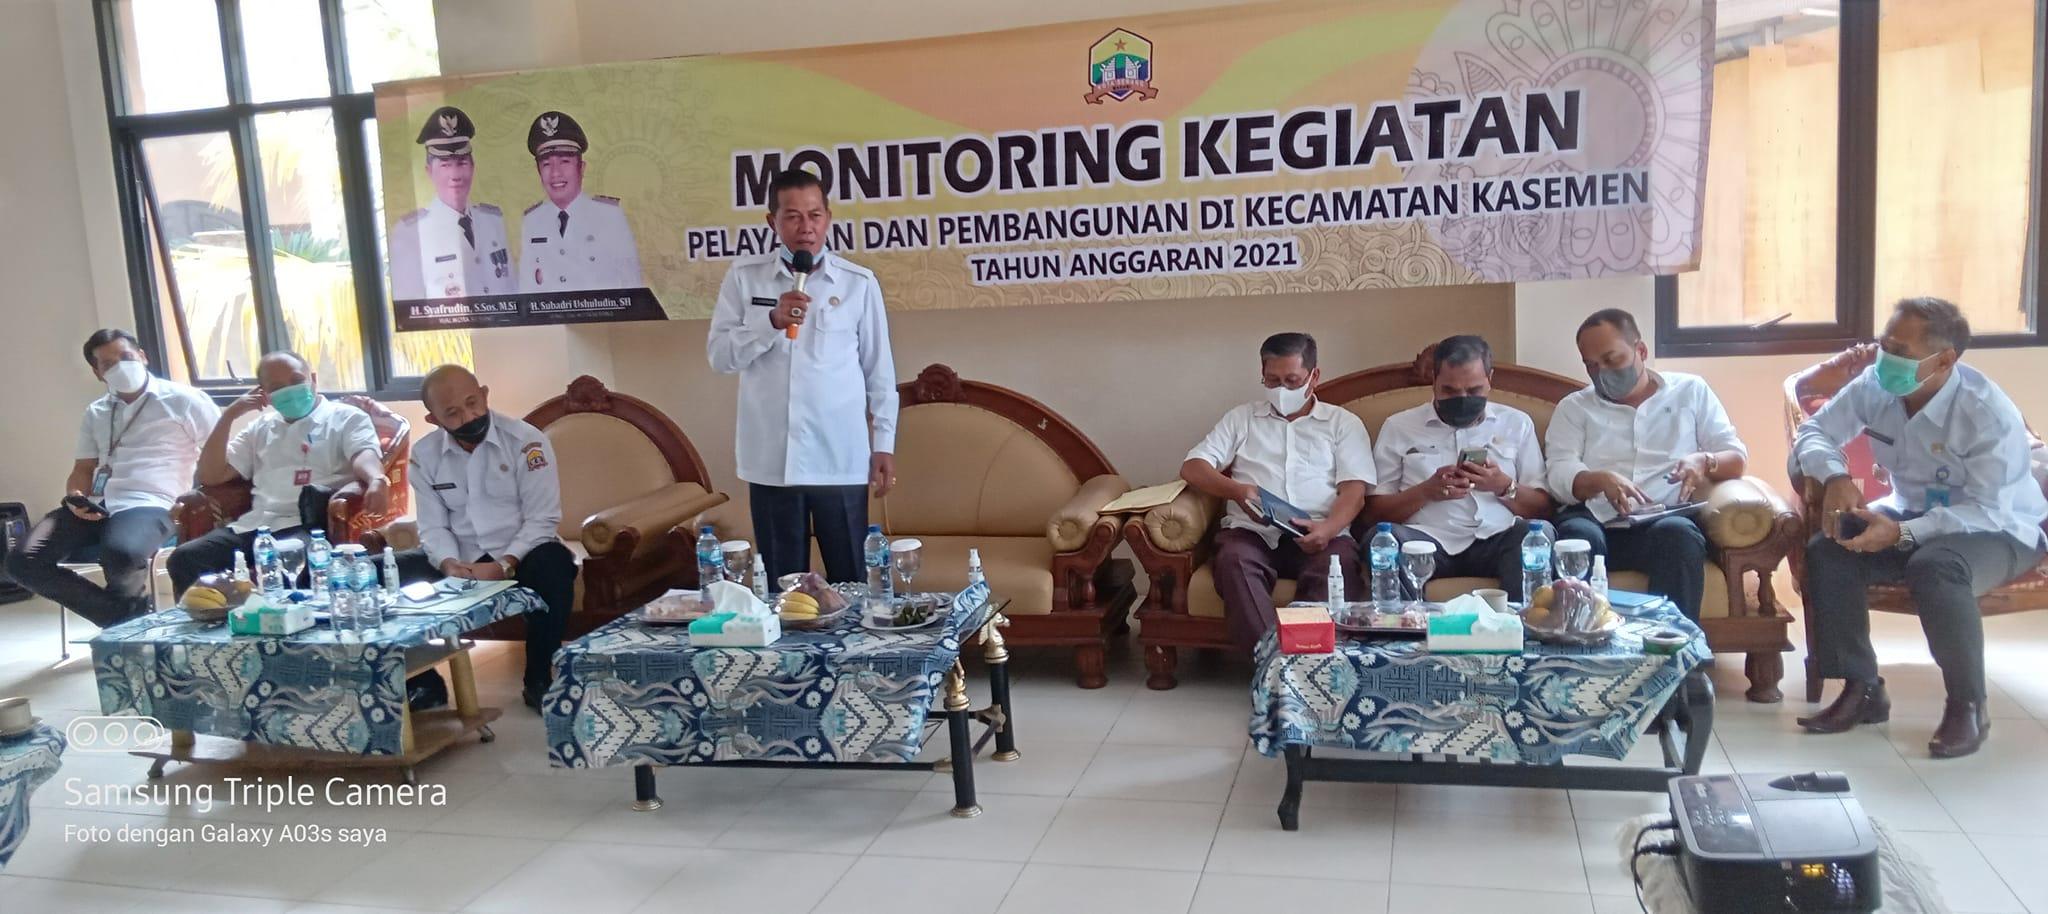 Monitoring Pelaksanaan Pelayanan Pembangunan Di Kecamatan Kasemen